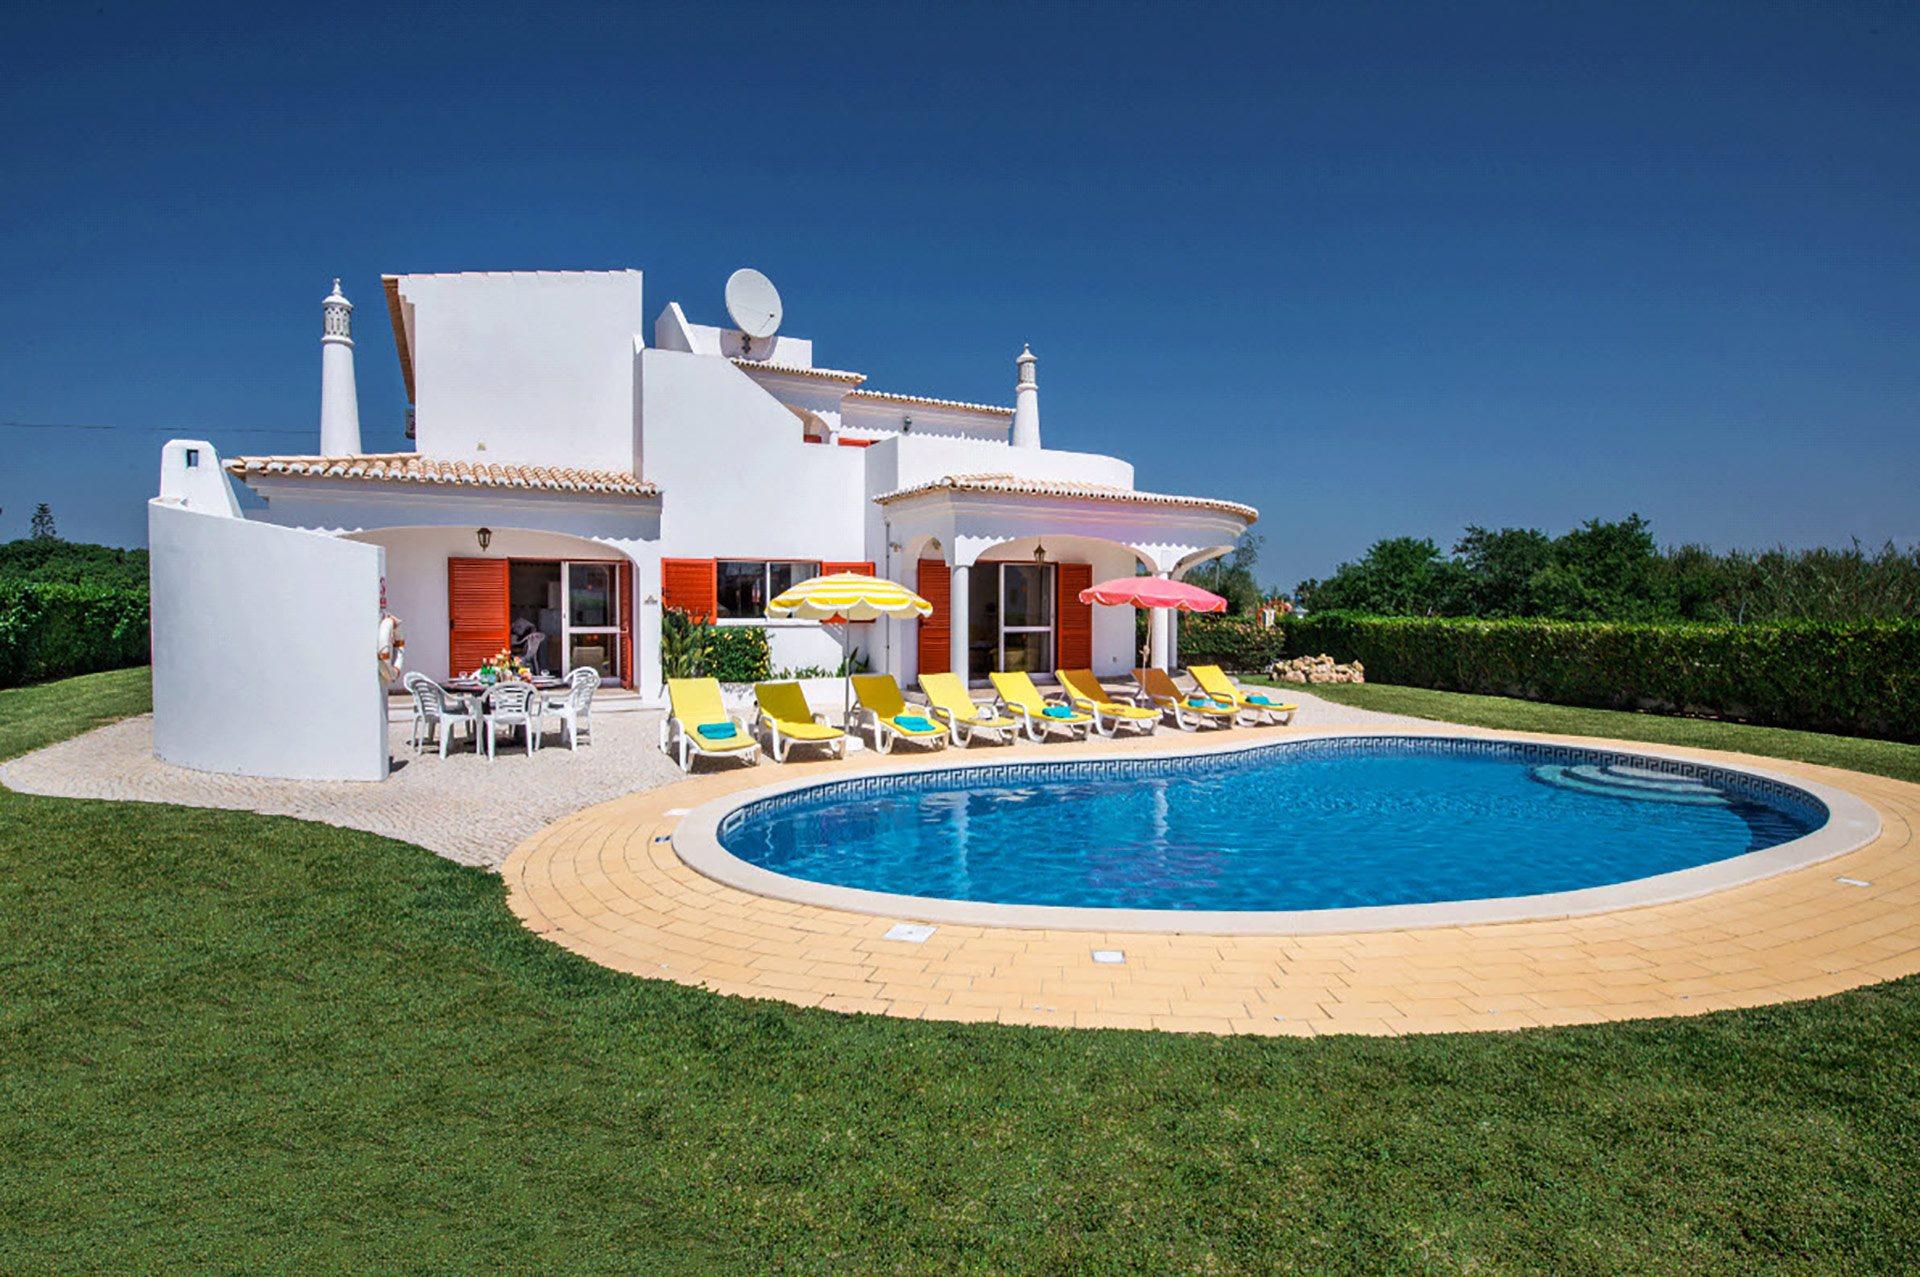 Villa Sousagomes, Armacao de Pera, Algarve, Portugal